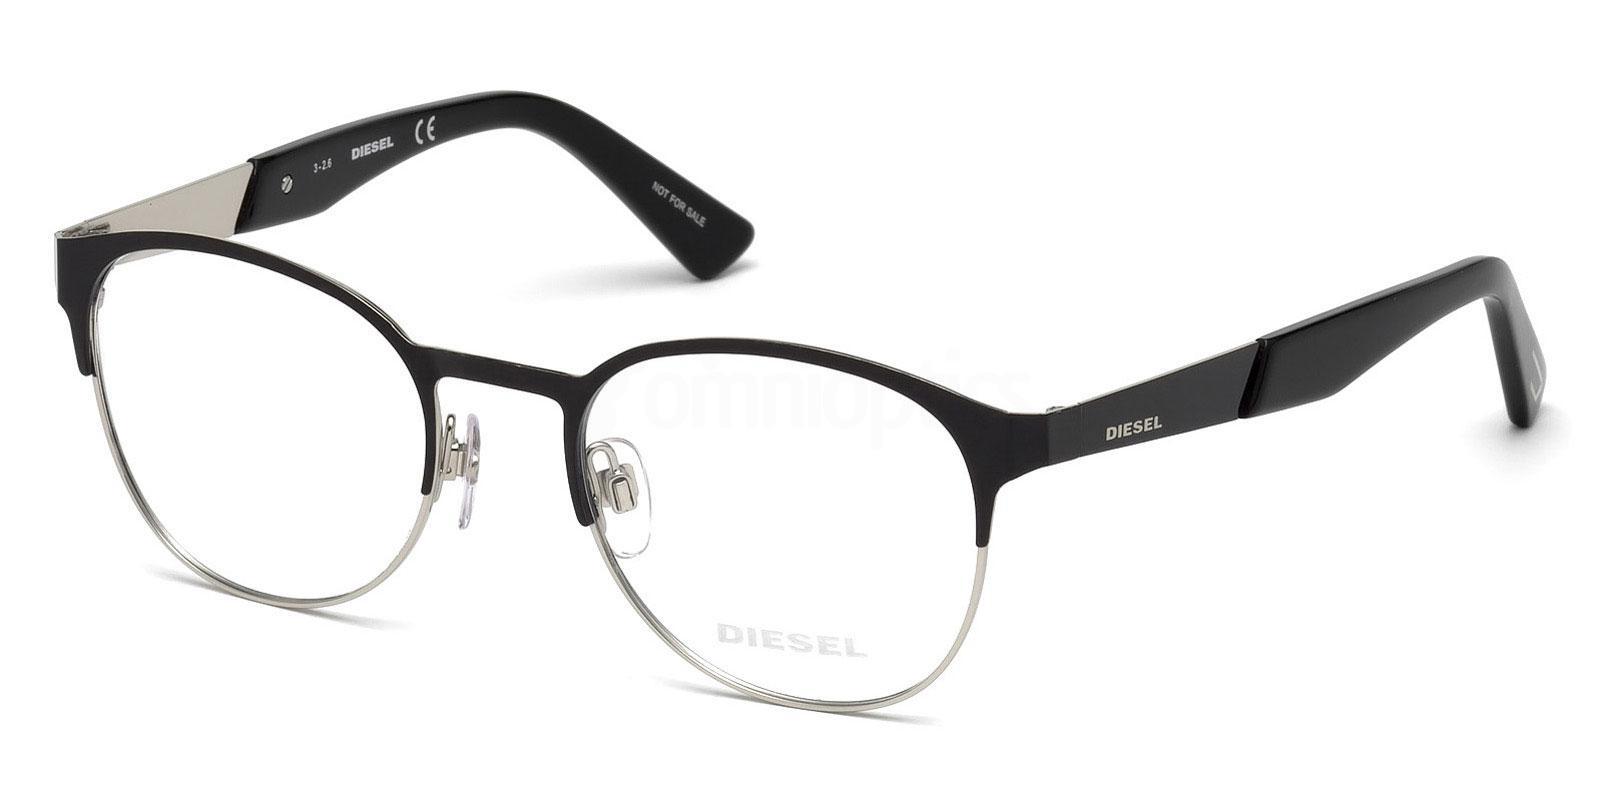 001 DL5236 Glasses, Diesel